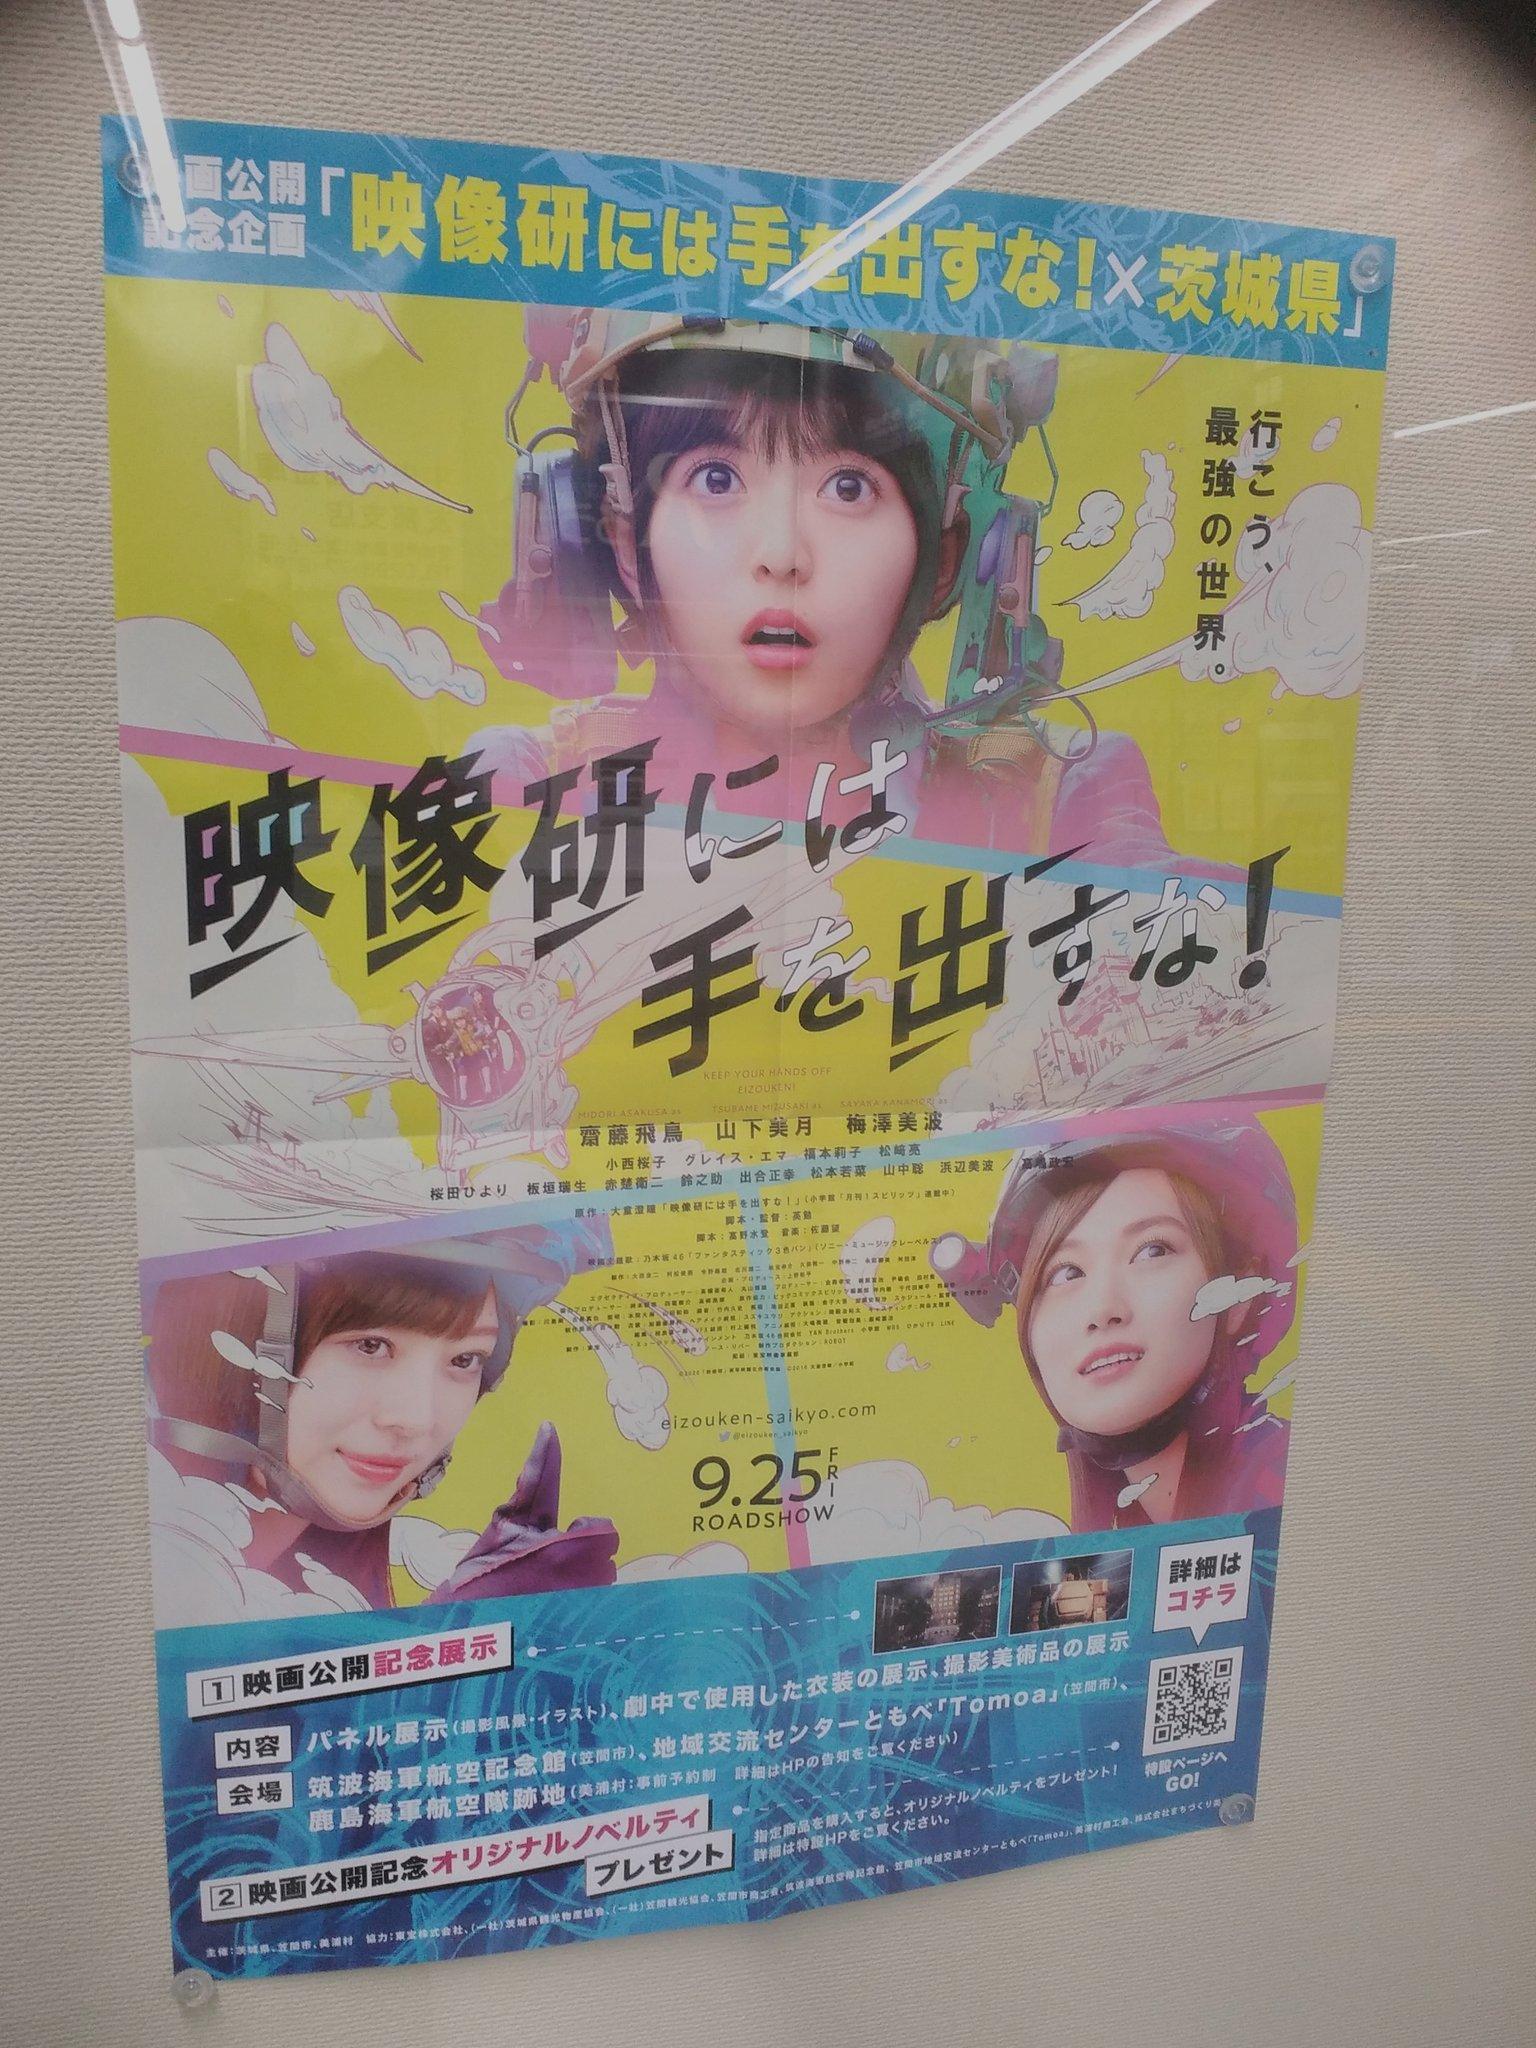 茨城県笠間市と美浦村で『映像研には手を出すな!』映画公開記念展示